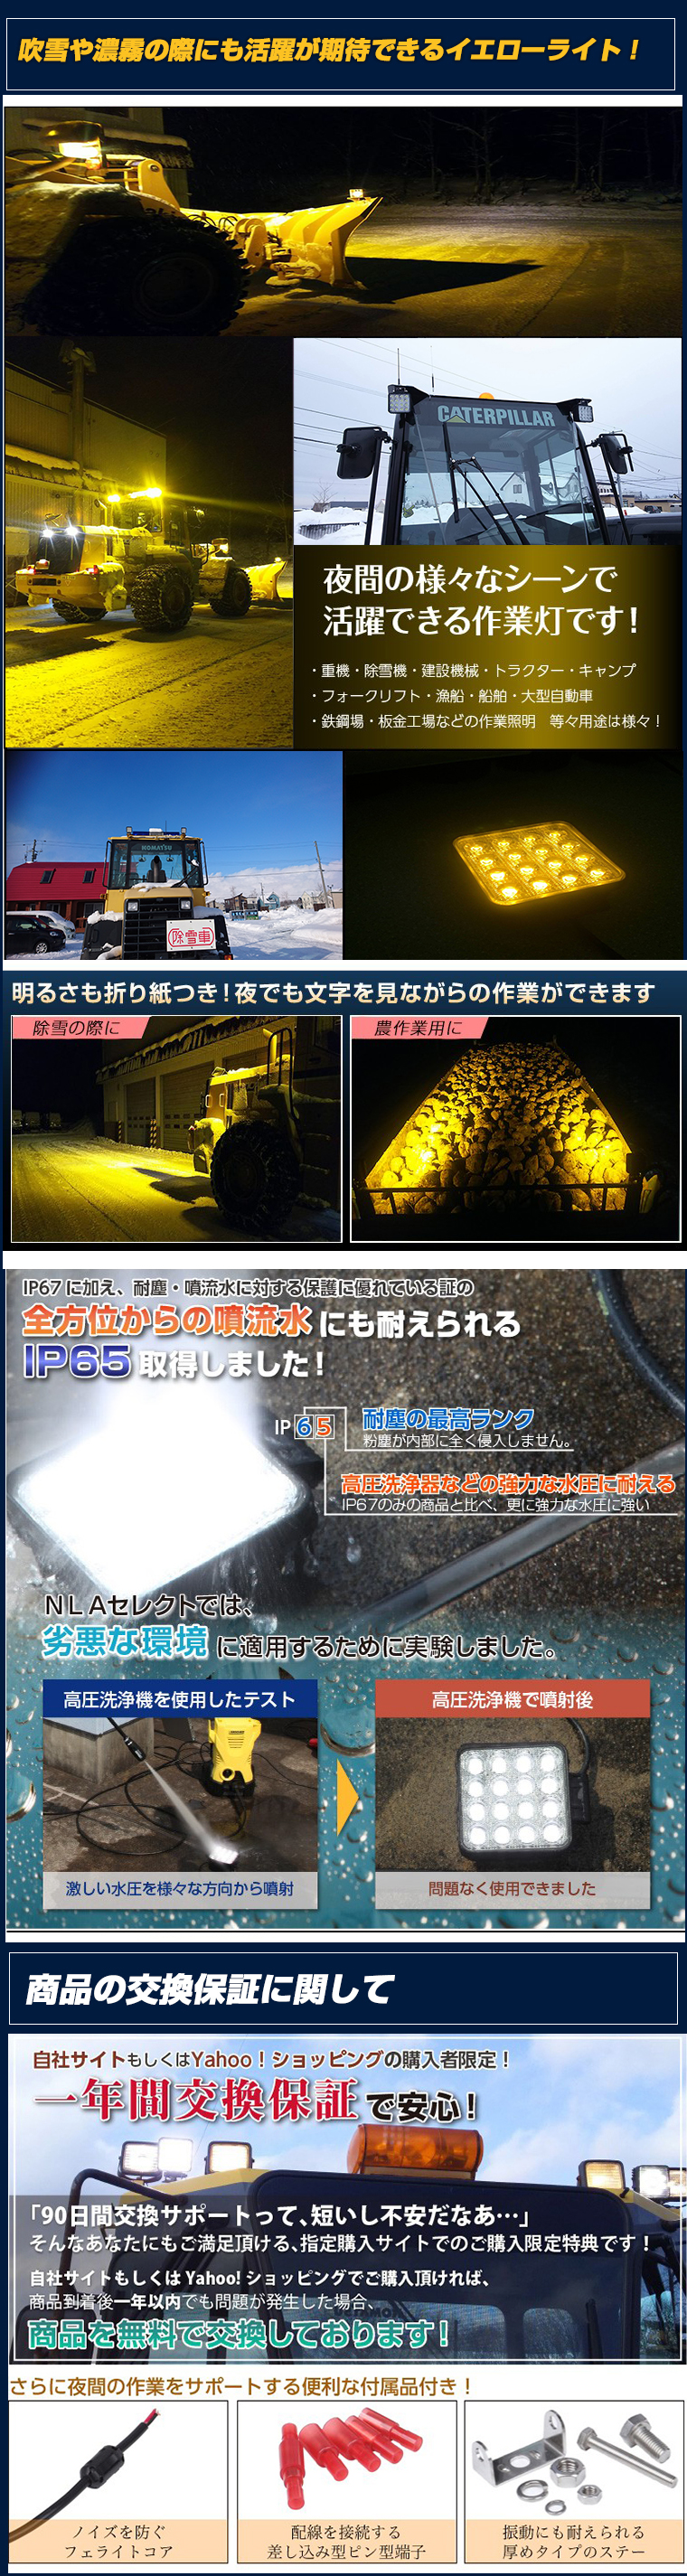 48w作業灯・黄色の商品説明2